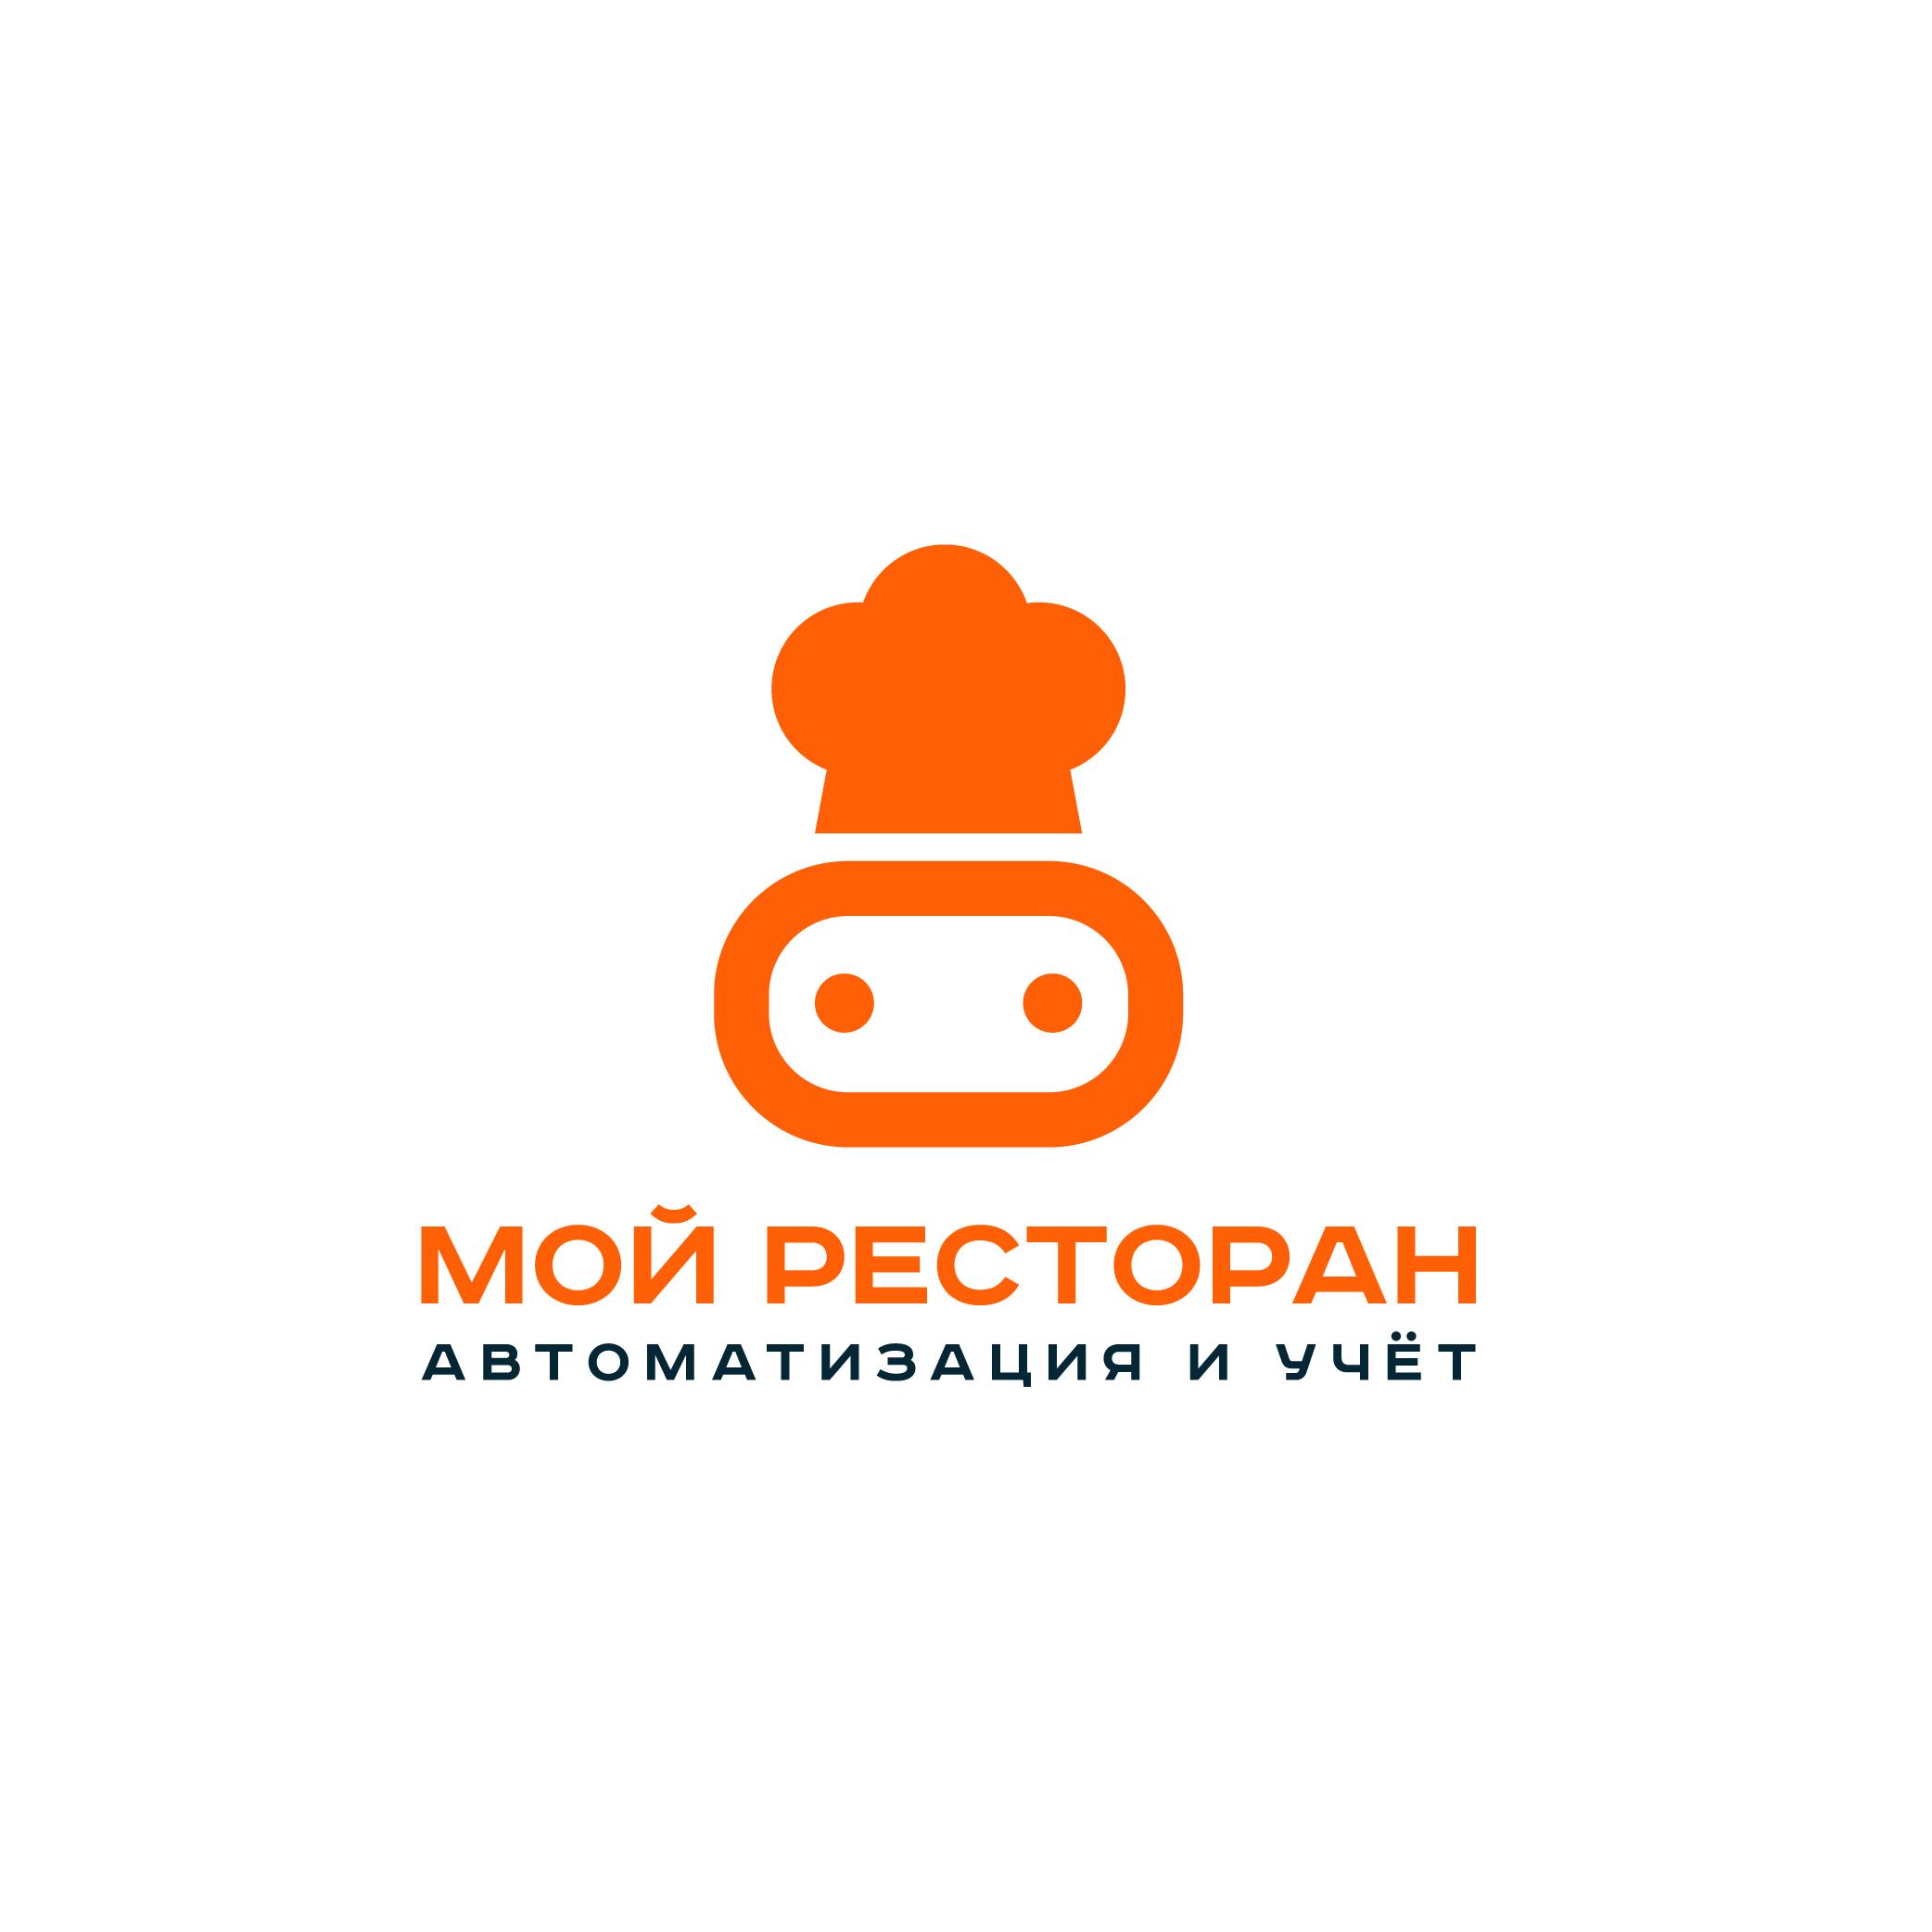 Разработать логотип и фавикон для IT- компании фото f_2225d545ca3e017e.png